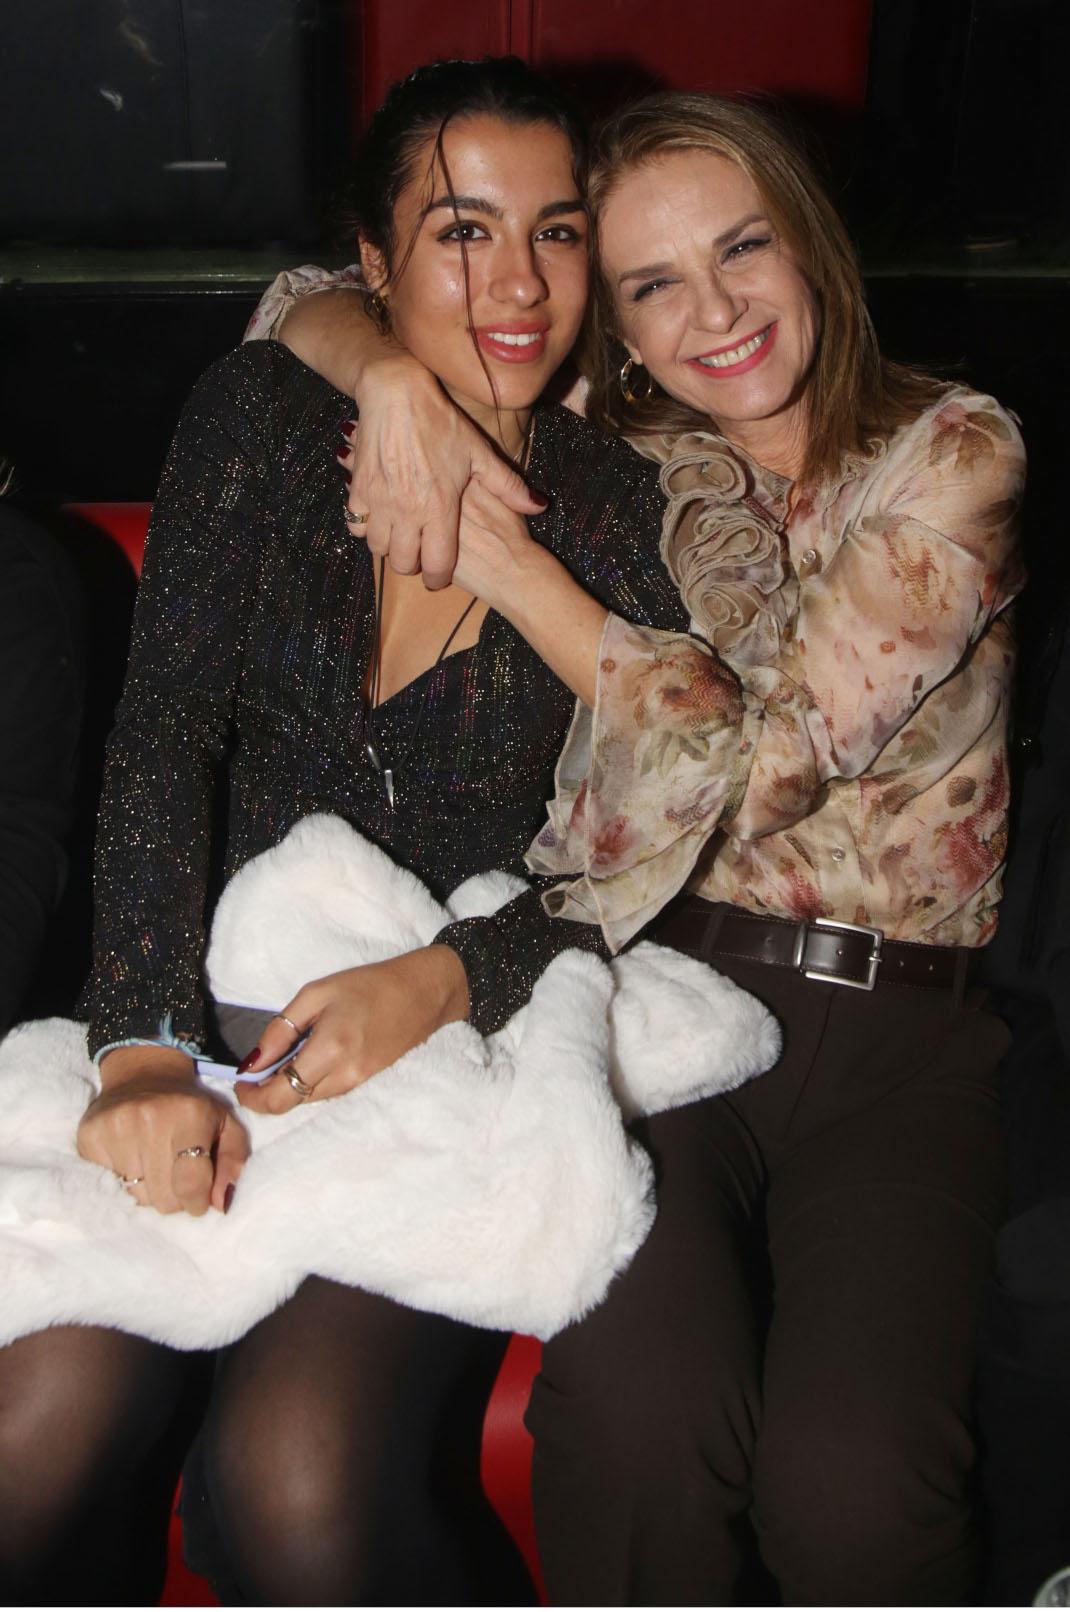 Πέγκυ Σταθακοπούλου με την κόρη της, Χριστίνα Καλδή